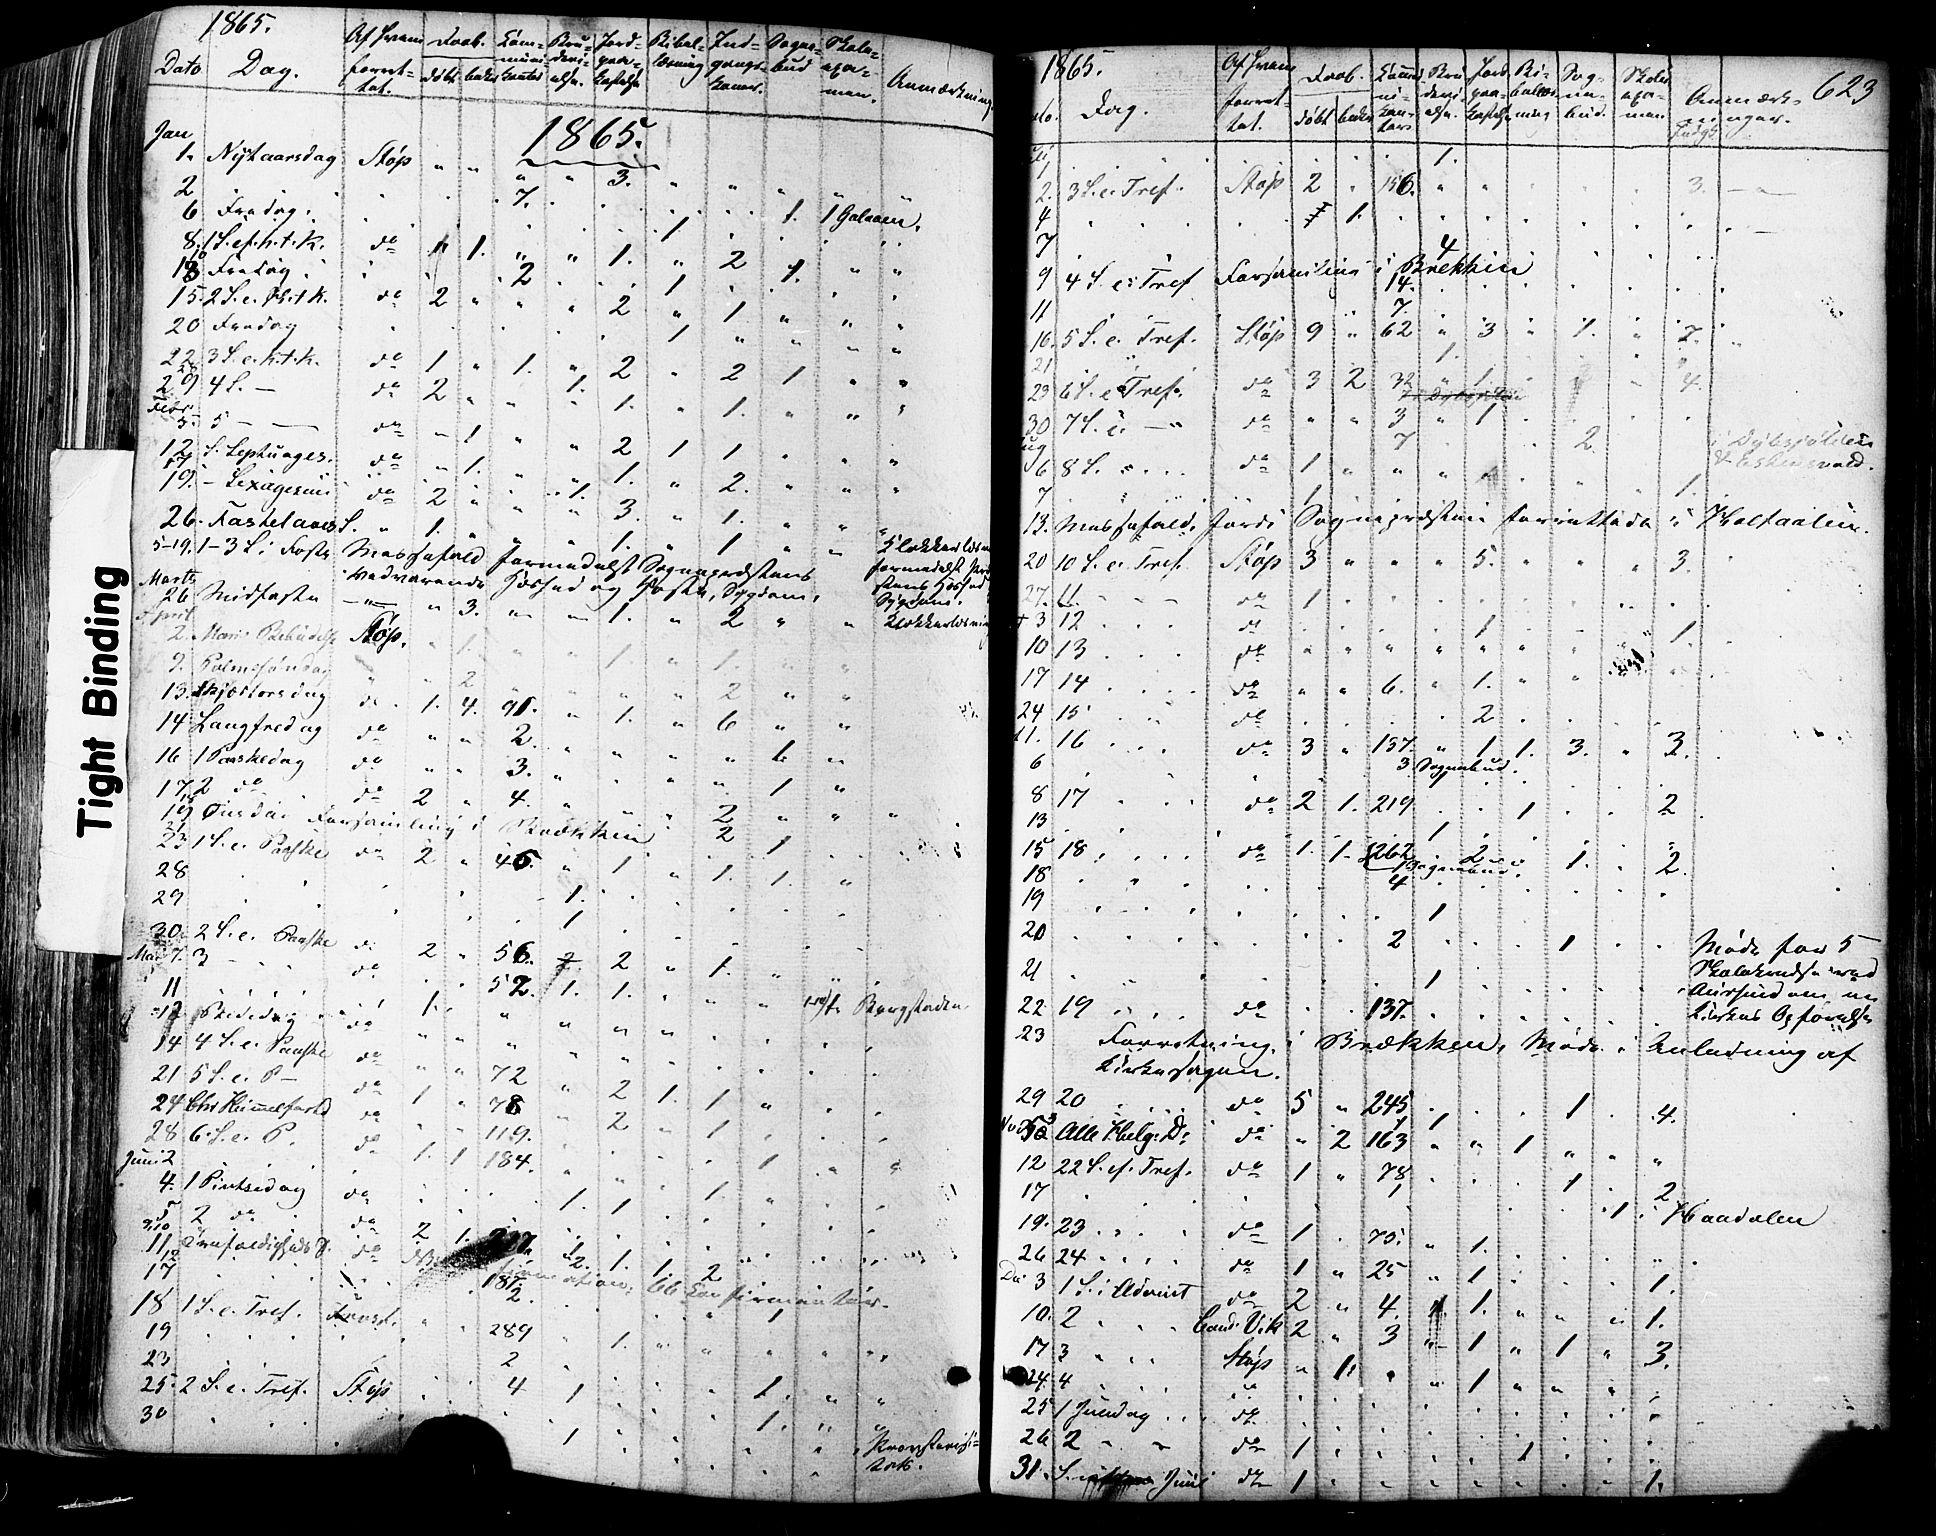 SAT, Ministerialprotokoller, klokkerbøker og fødselsregistre - Sør-Trøndelag, 681/L0932: Ministerialbok nr. 681A10, 1860-1878, s. 623